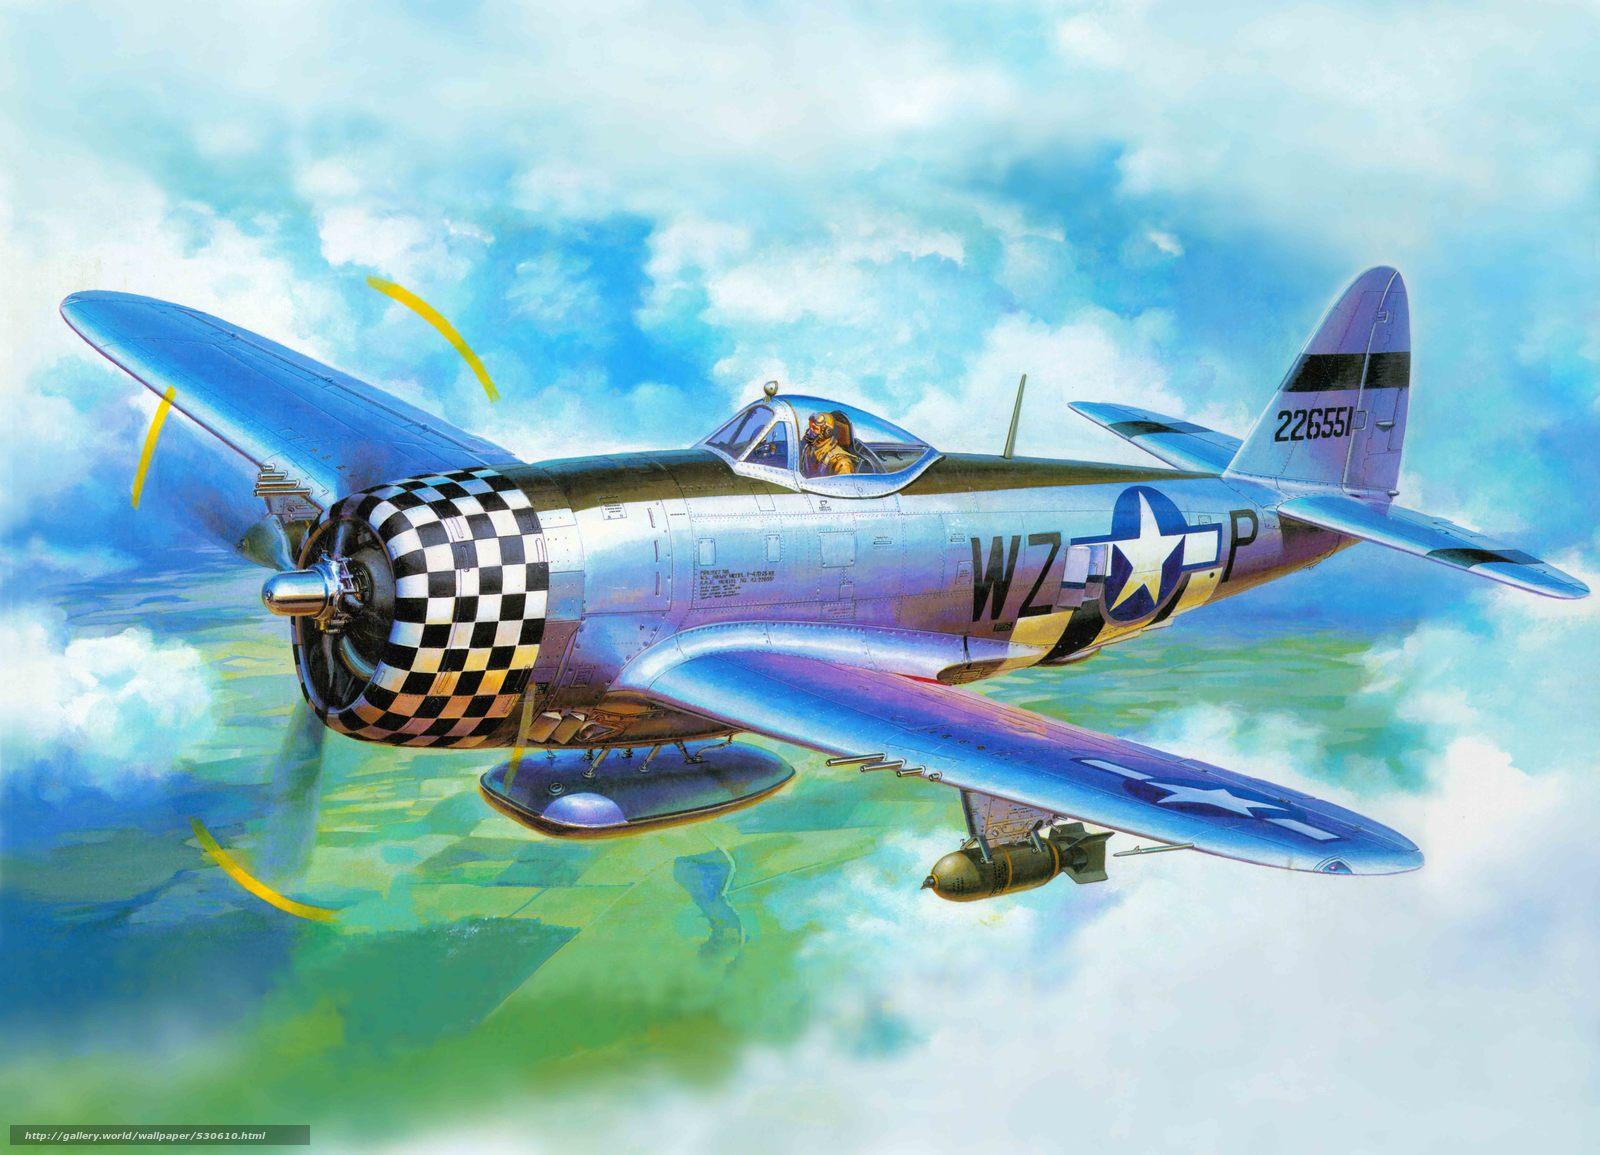 Скачать обои США,  бомбардировщик,  истребитель,  ВВС бесплатно для рабочего стола в разрешении 8157x5889 — картинка №530610